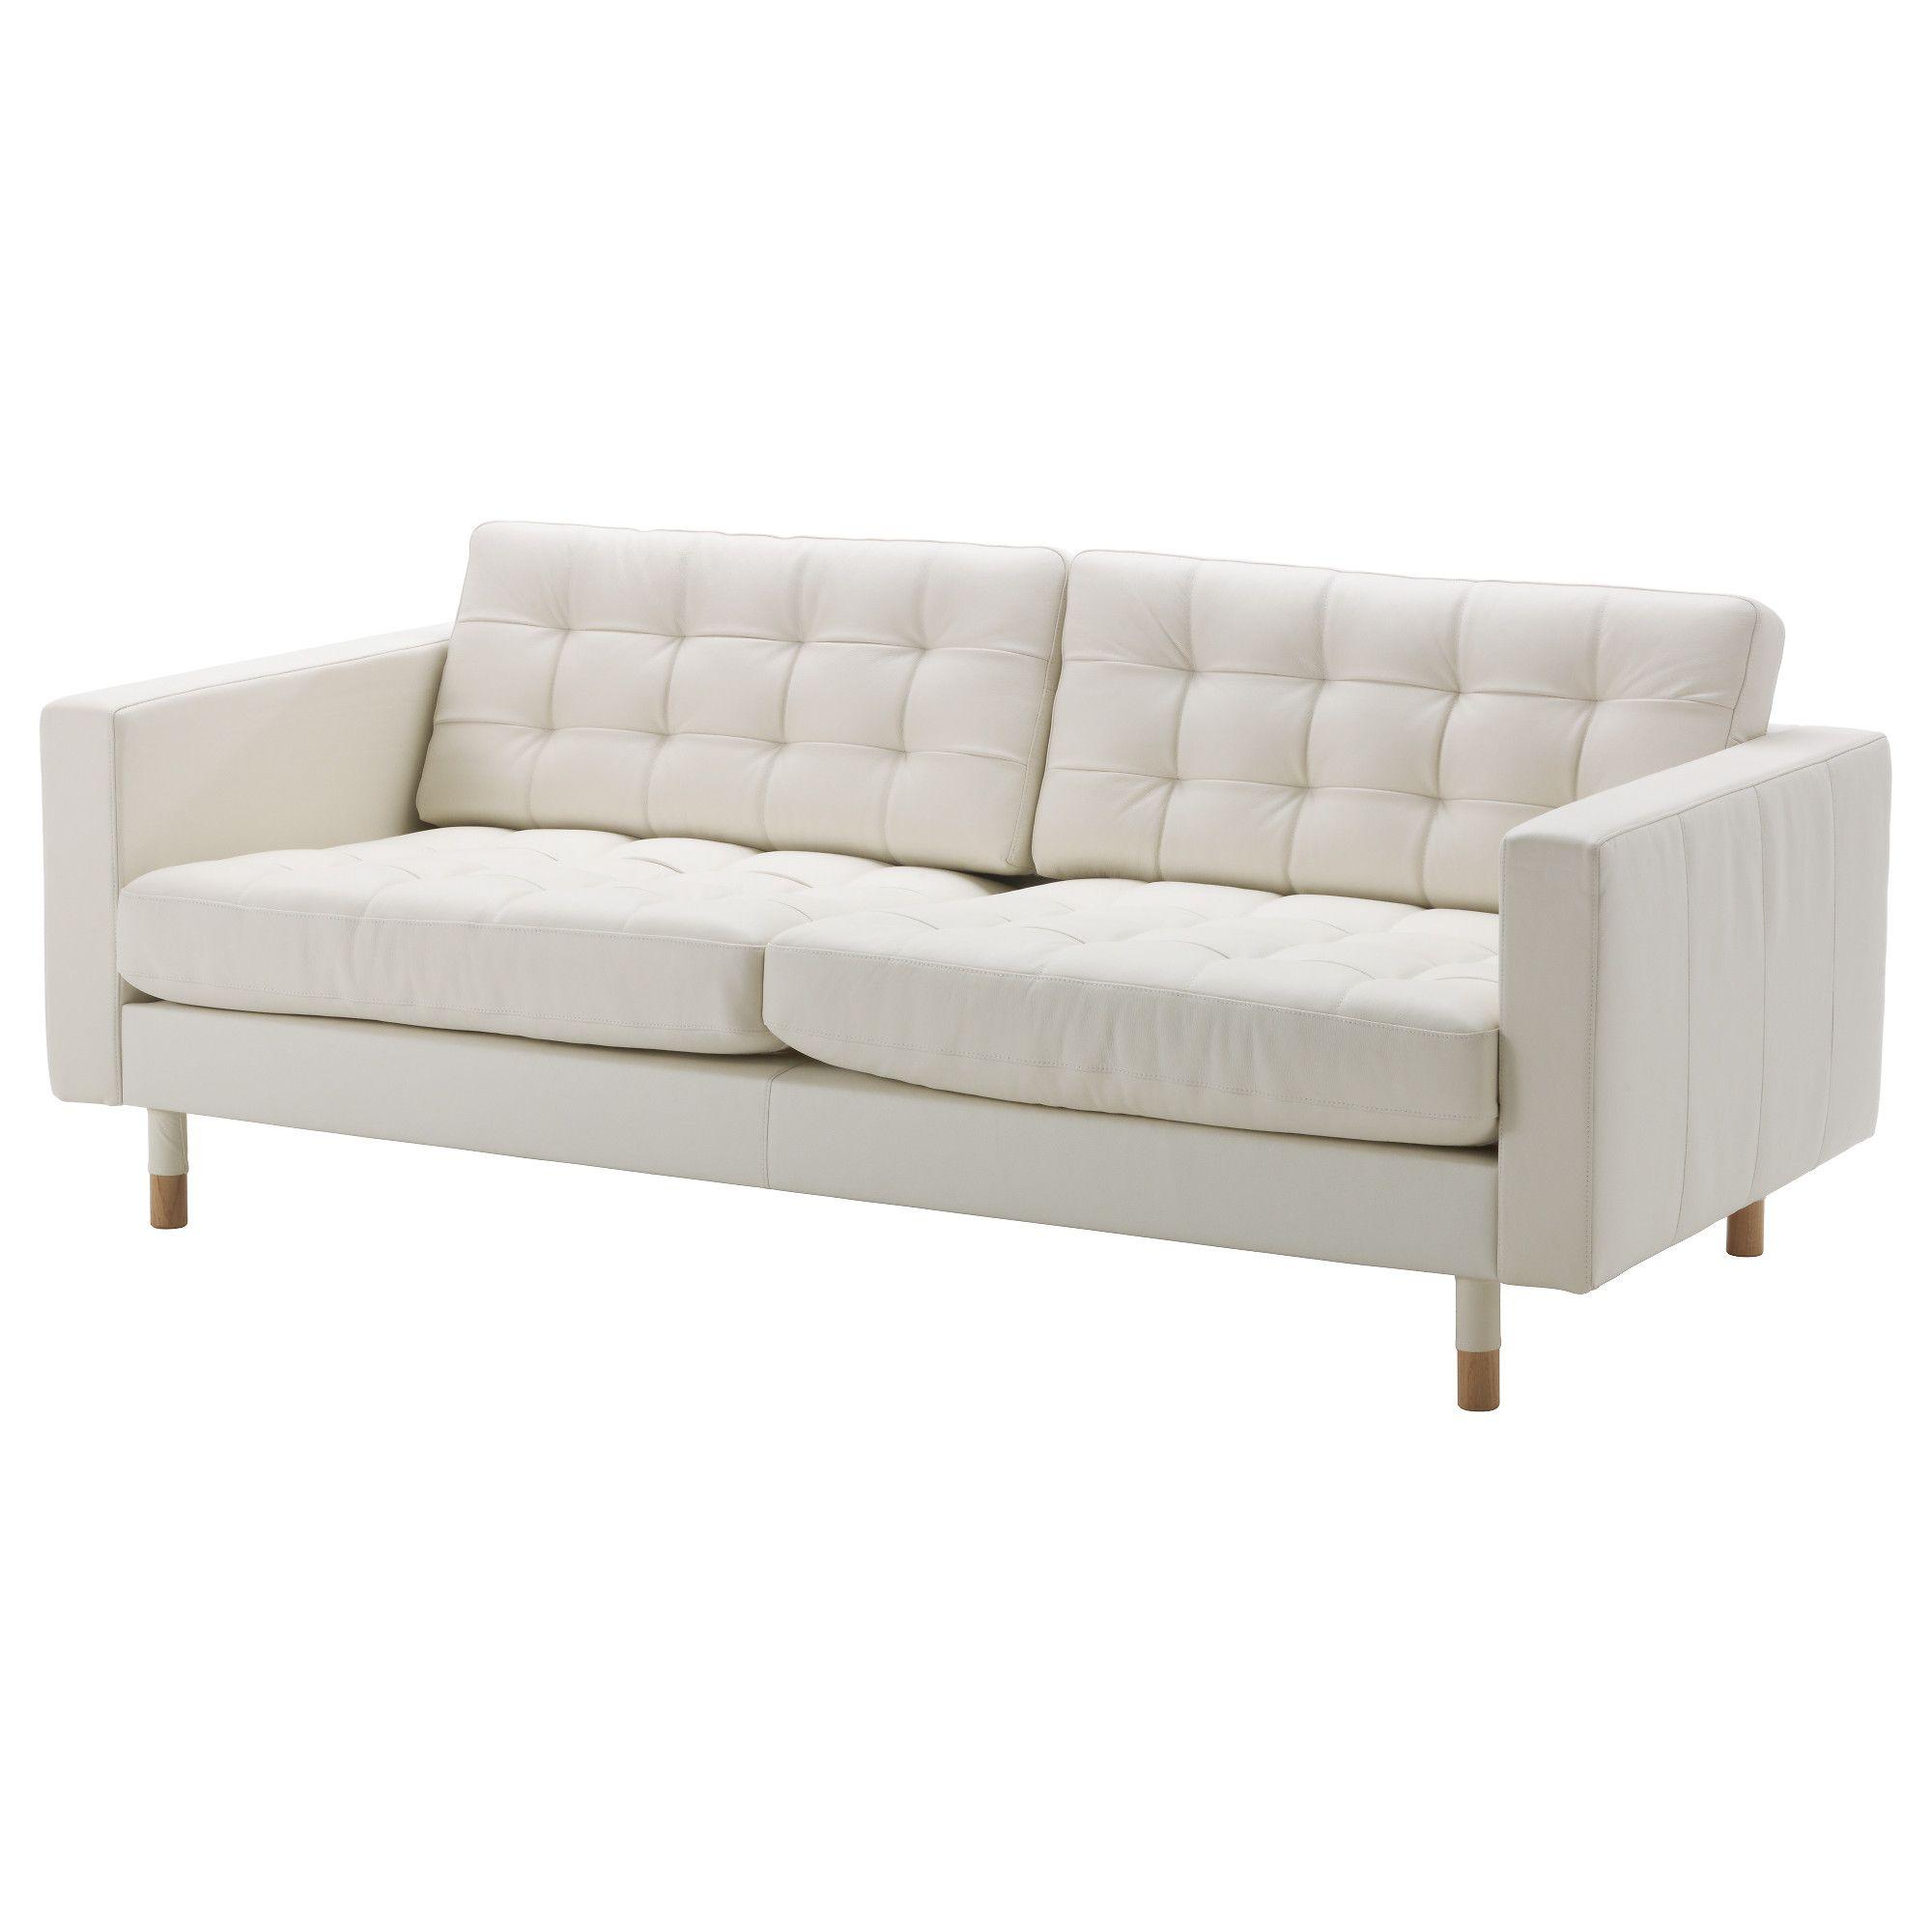 Mobilier Et Decoration Interieur Et Exterieur White Leather Sofas Landskrona Sofa Best Leather Sofa